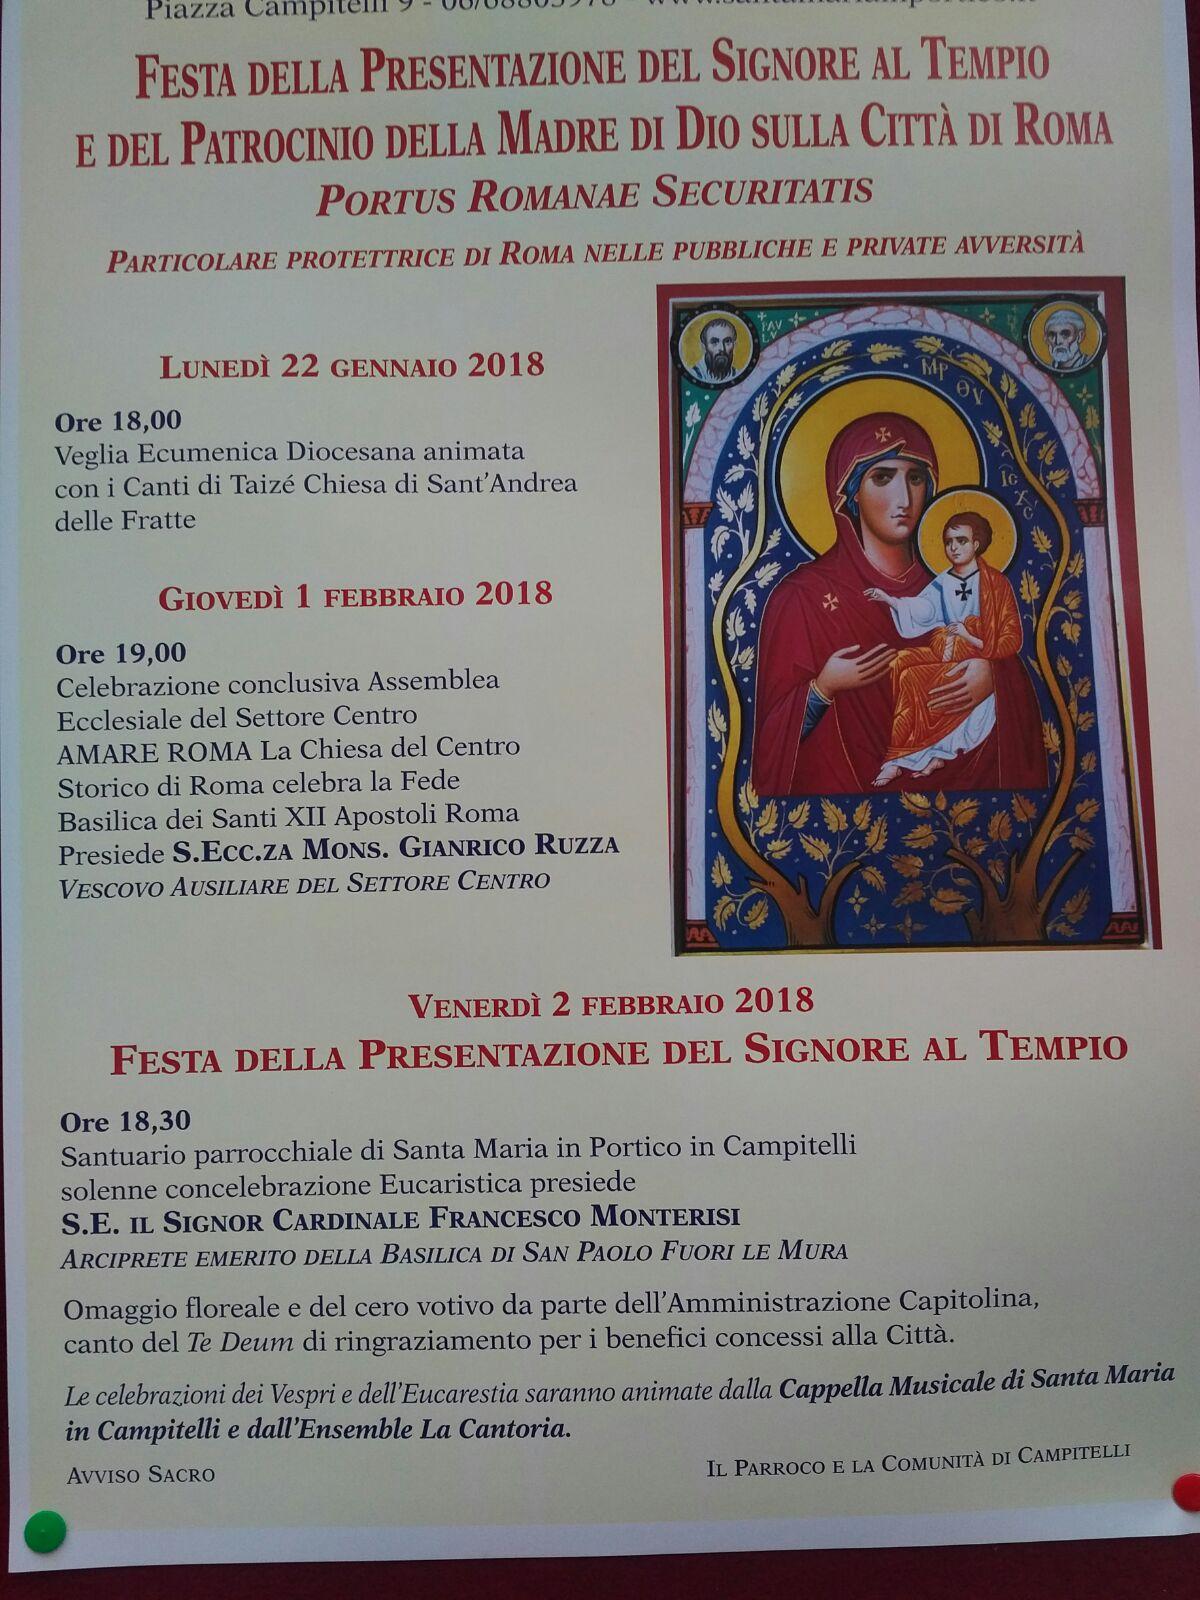 Roma 2018 - Festa della Presentazione Del Signore al Tempio